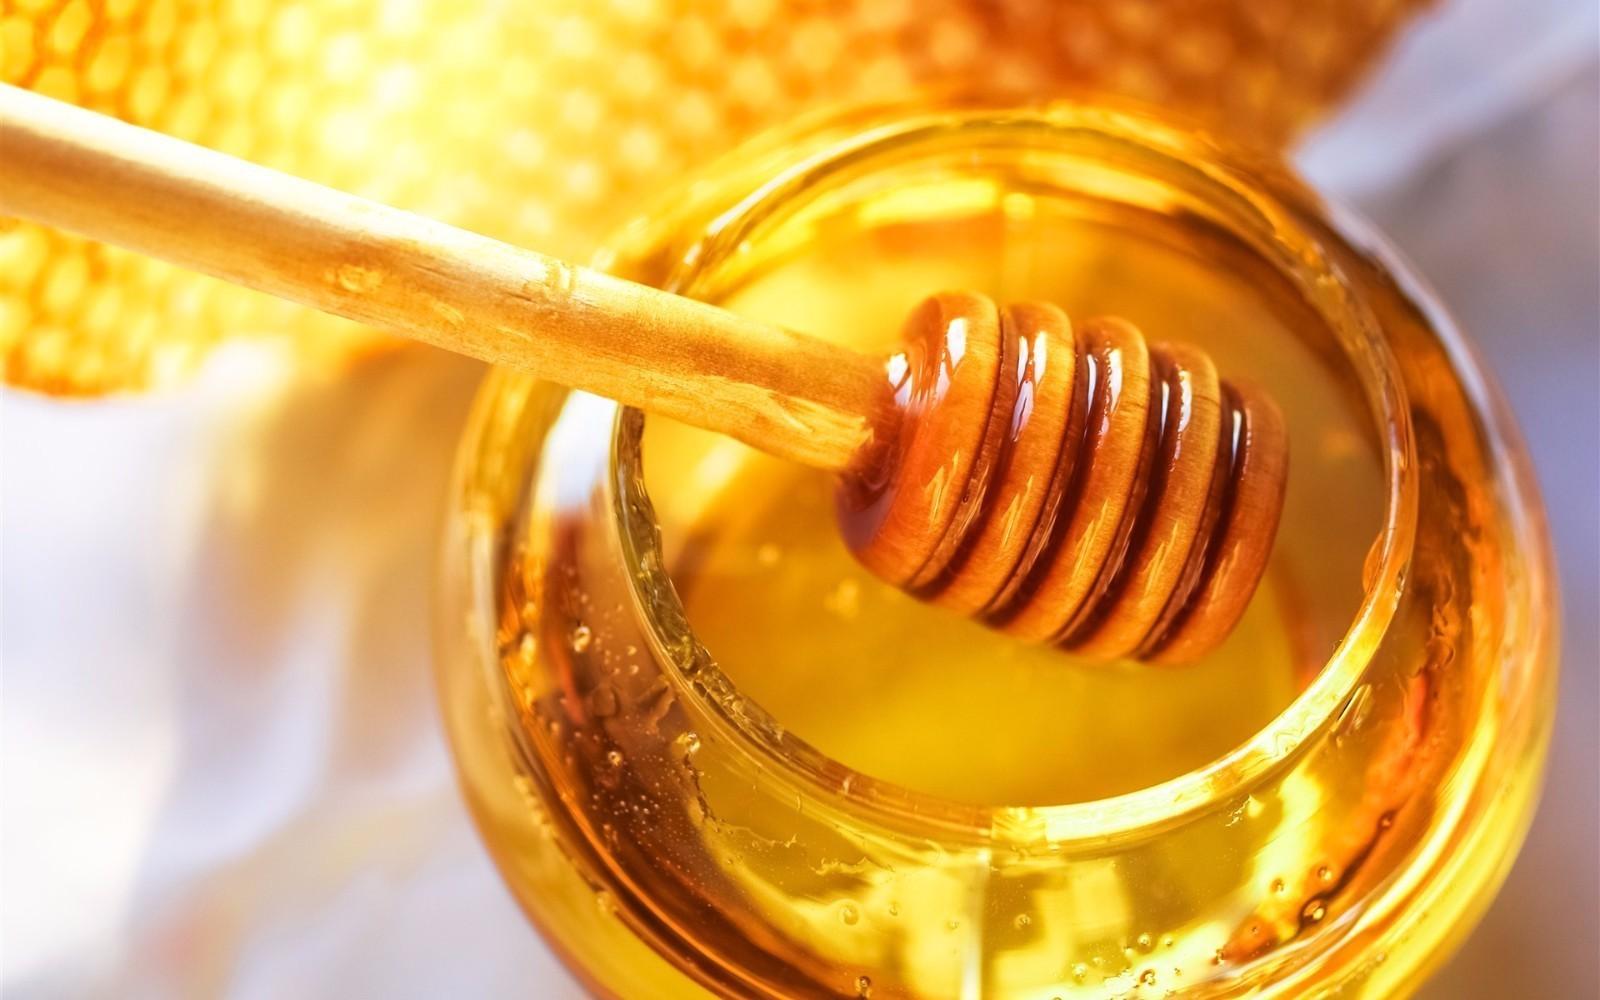 这3种人忌吃蜂蜜:当心补药变毒药 - 一统江山 - 一统江山的博客